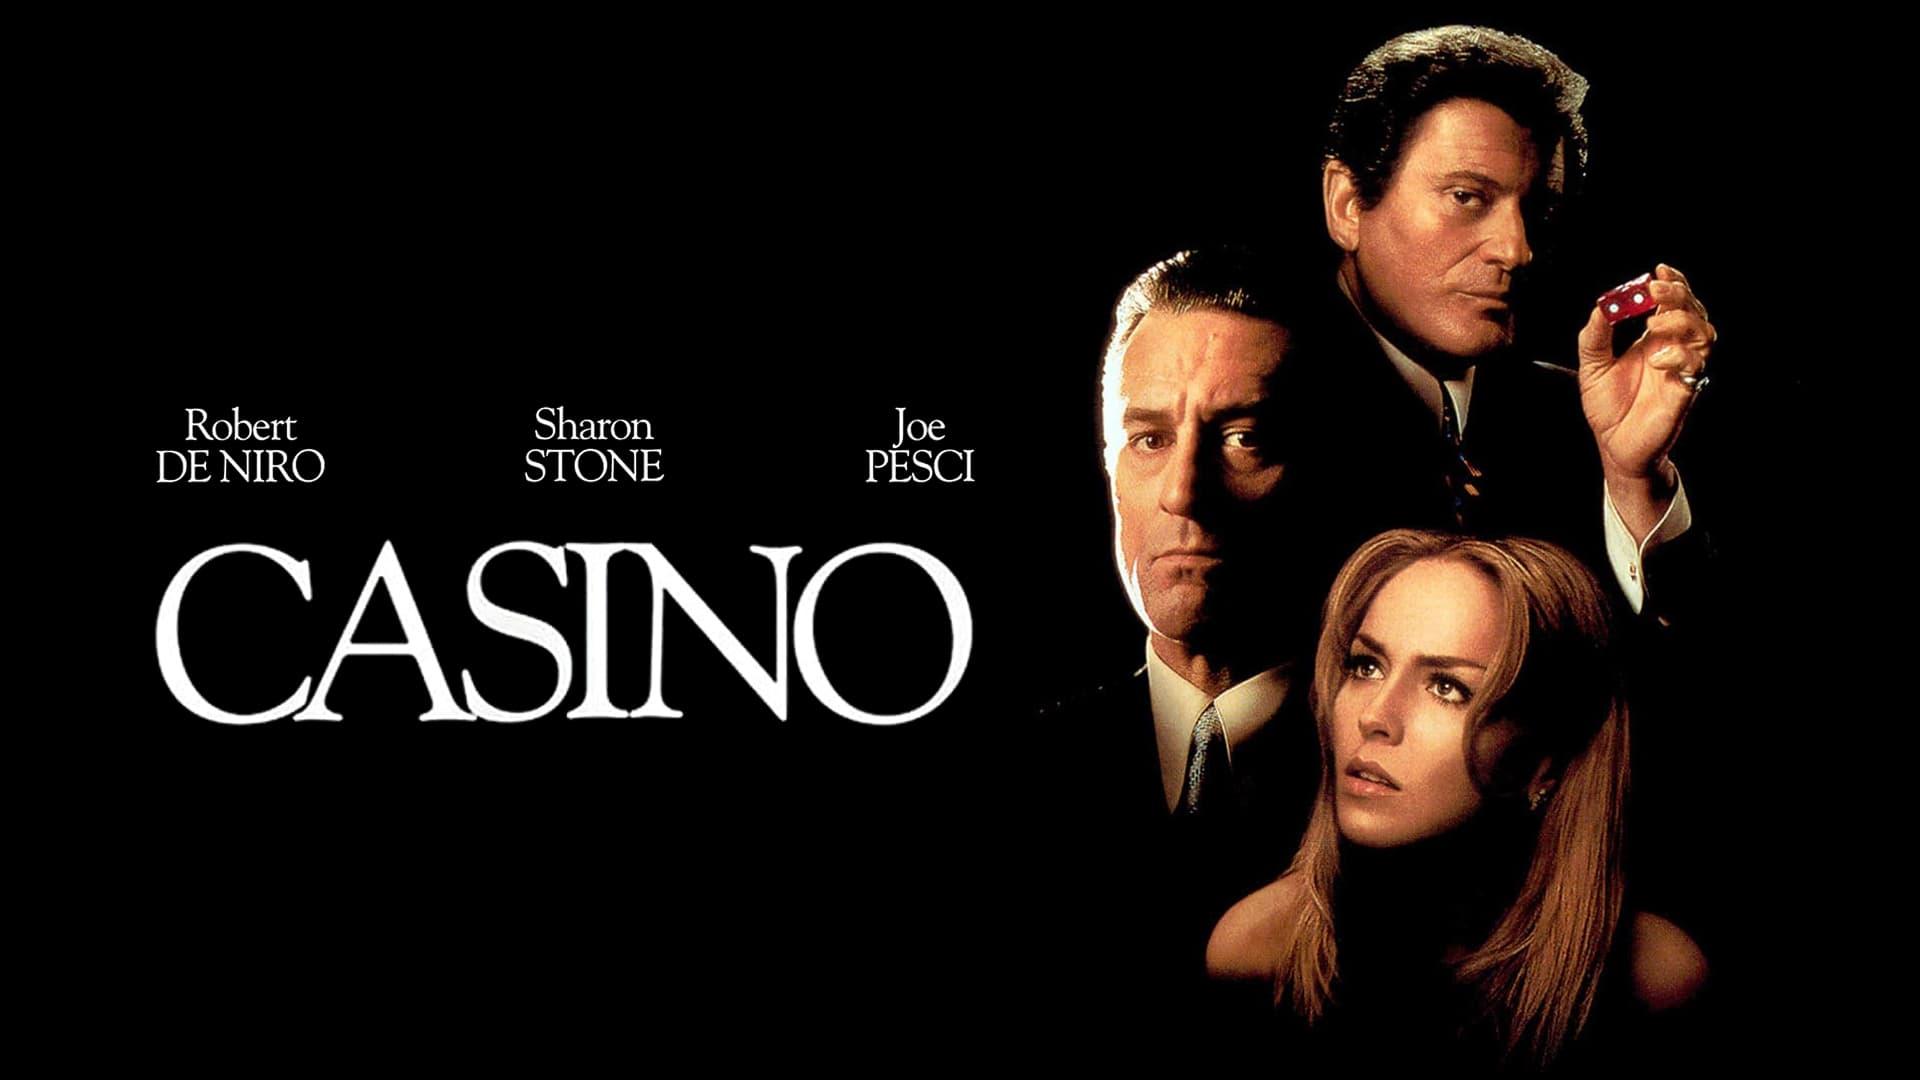 Casino 1995 Full Movie Online Free